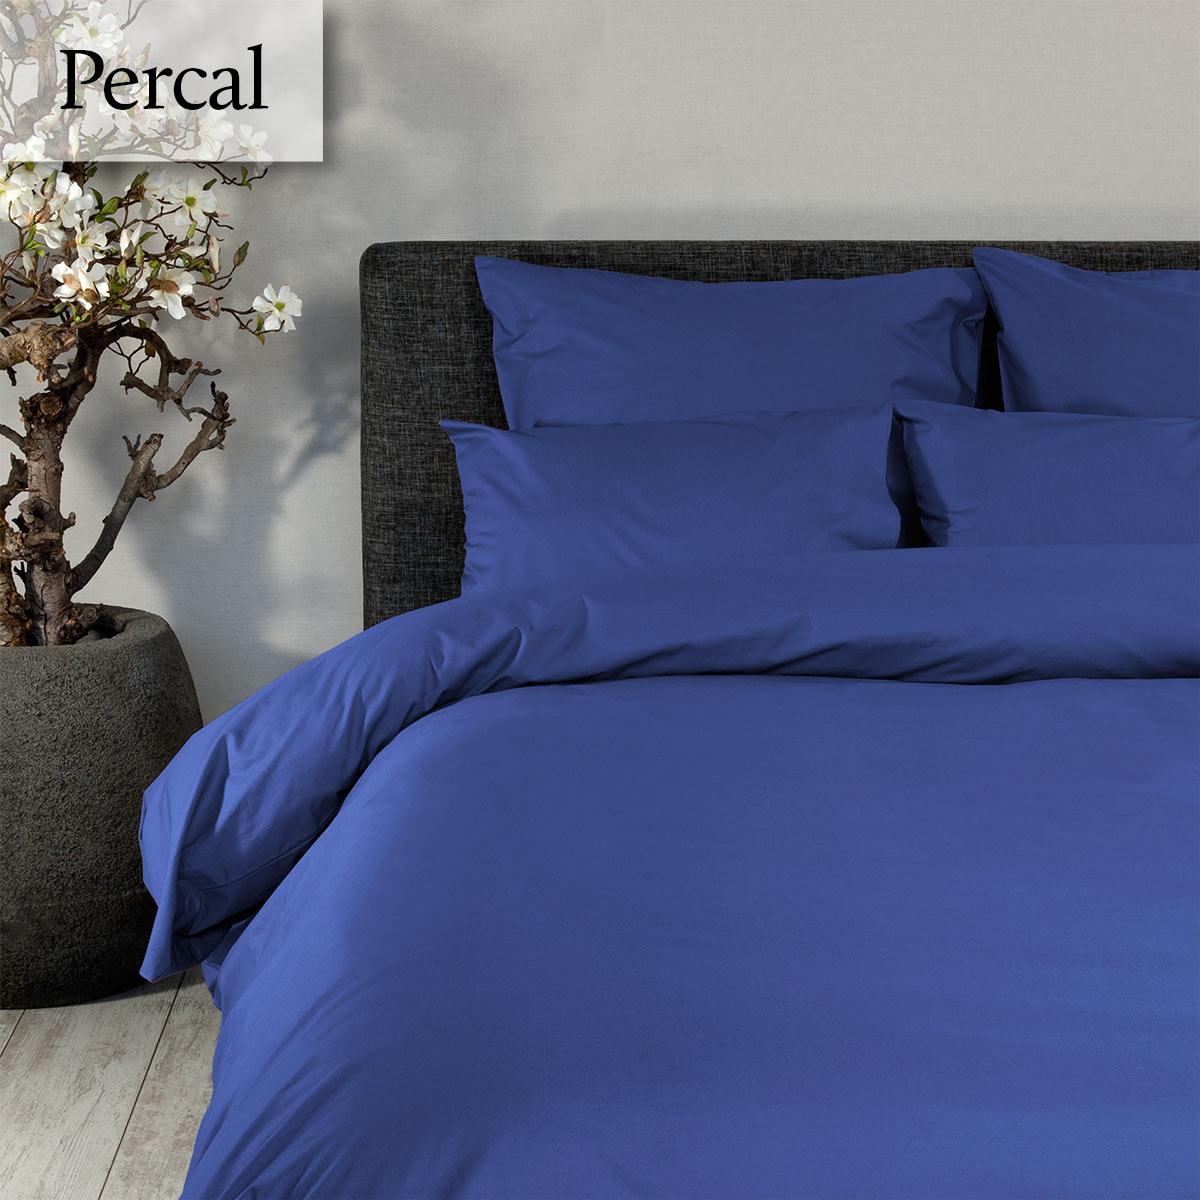 Dommelin Dekbedovertrek Deluxe Percal Jeansblauw